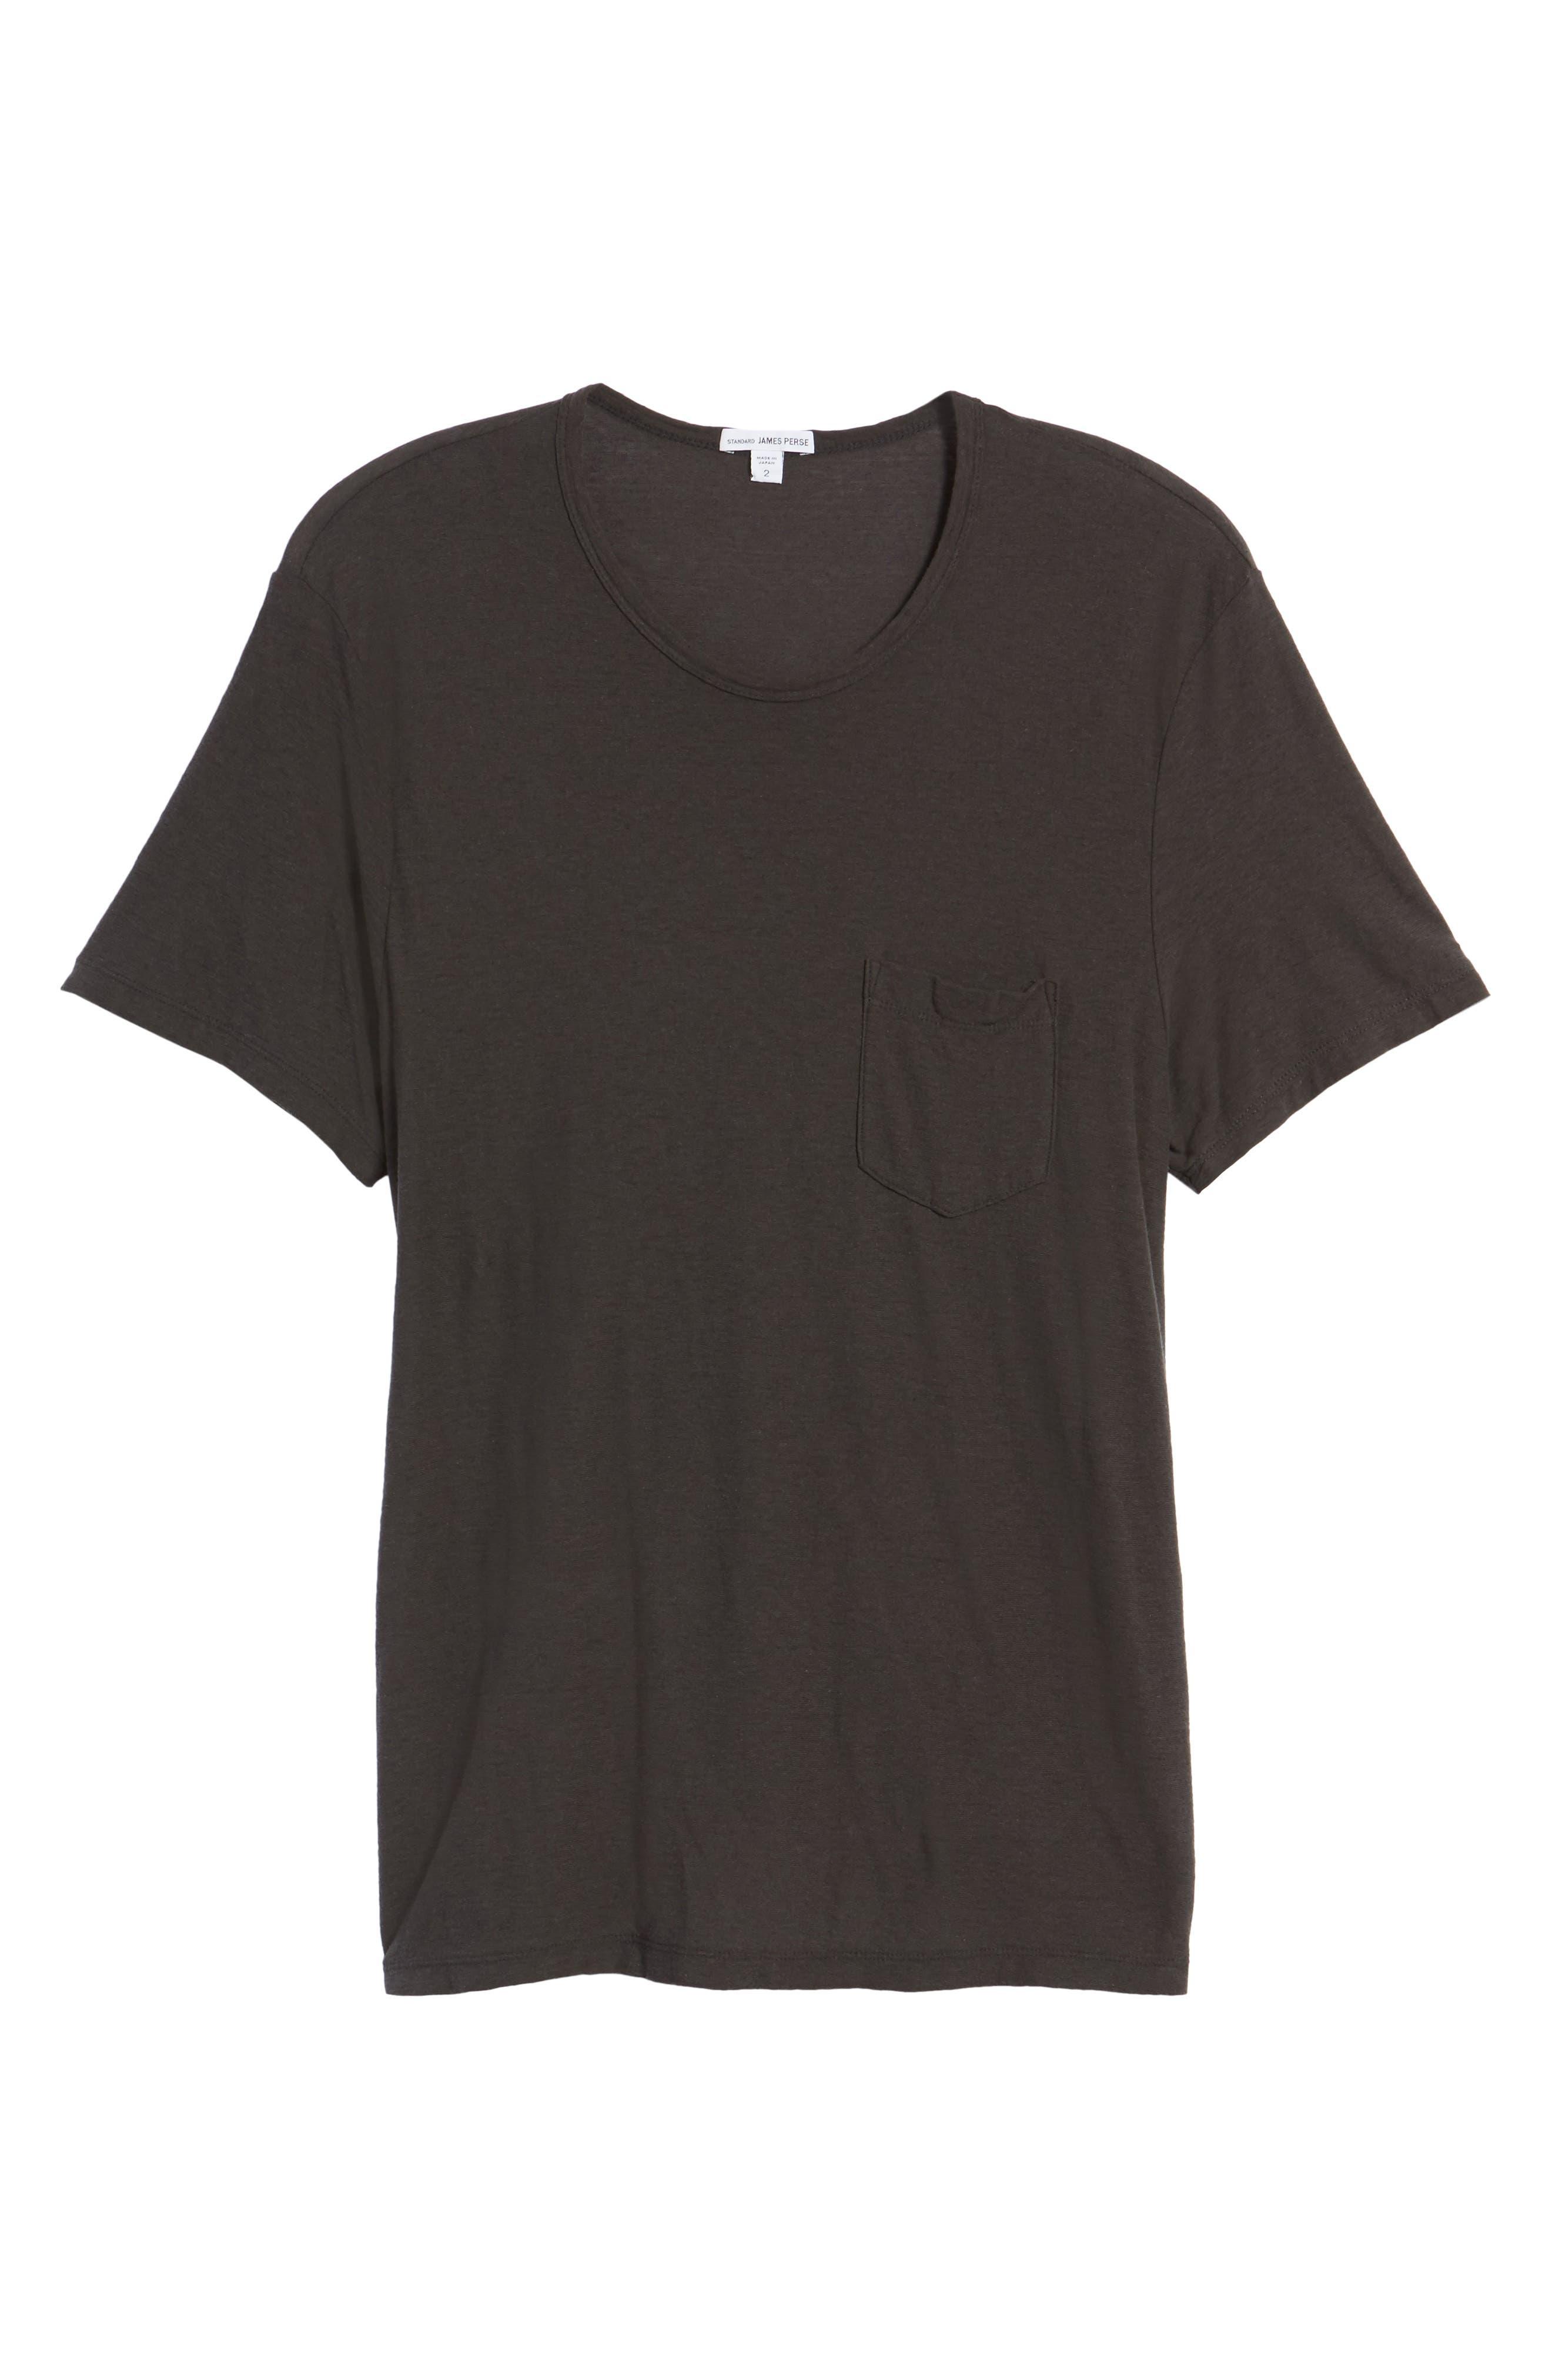 Cotton & Linen Pocket T-Shirt,                             Alternate thumbnail 6, color,                             020